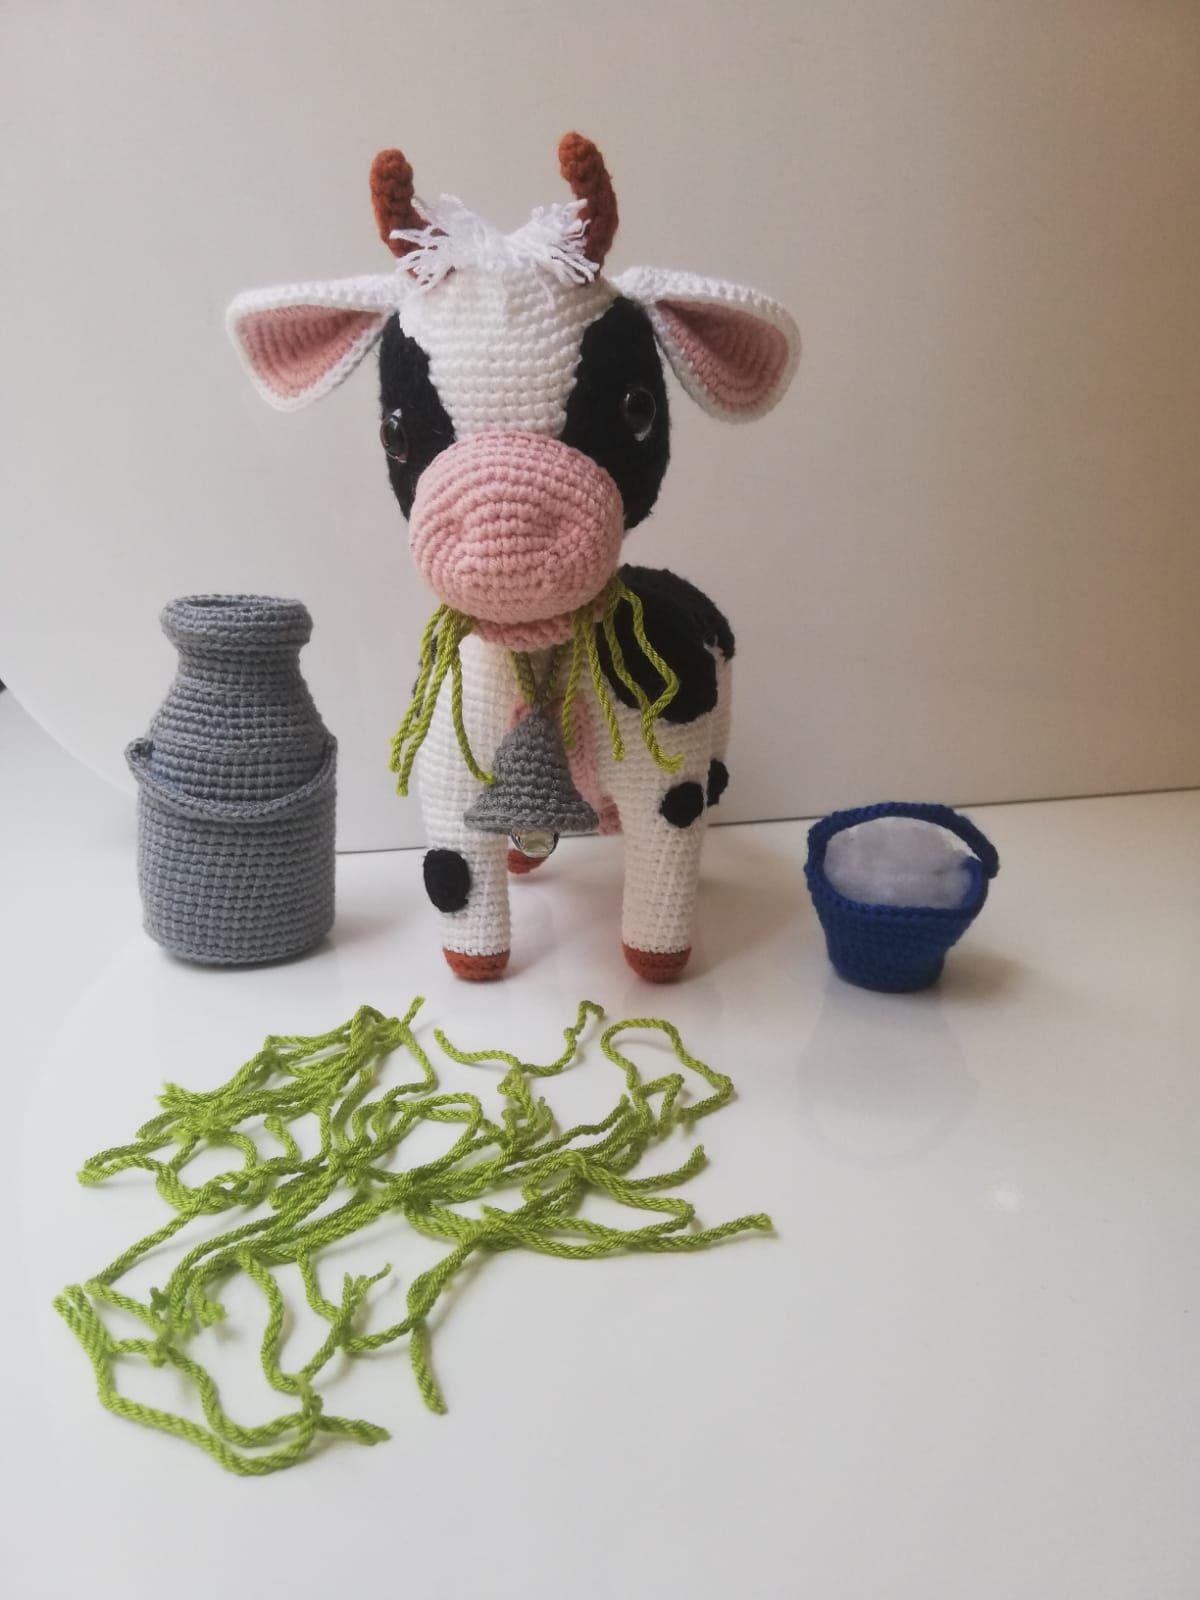 66# amigurumi inek örüyoruz 2. bölüm kol bacak ve meme yapımı ... | 1600x1200